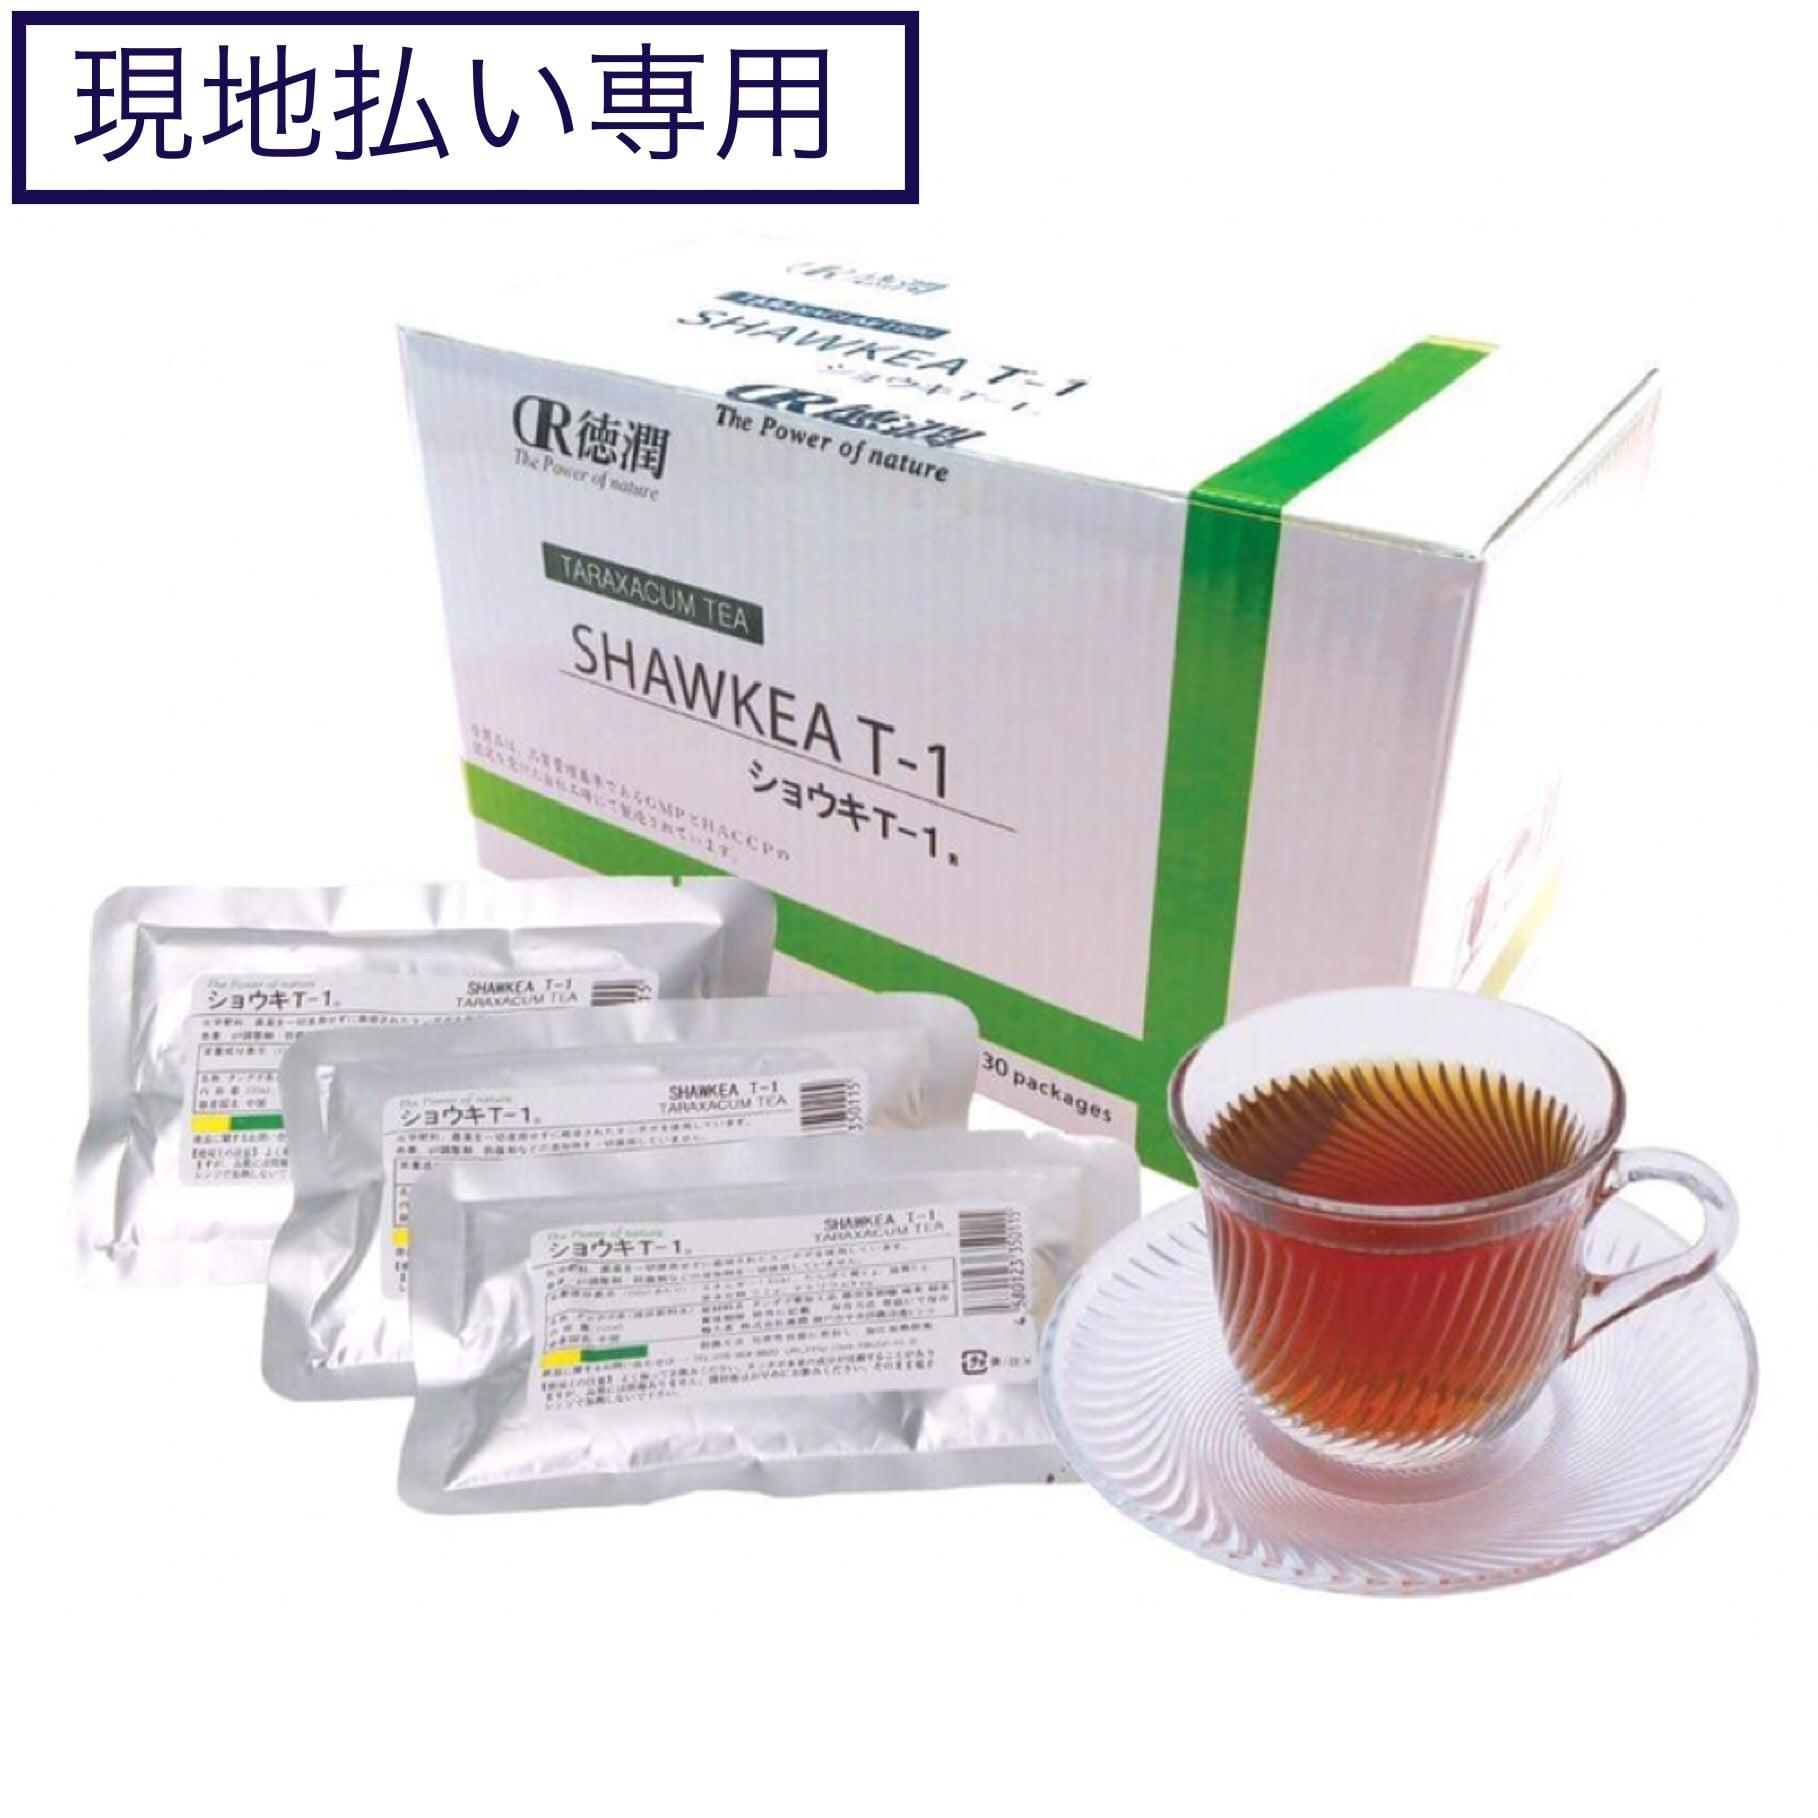 たんぽぽ茶「ショウキT-1」1箱のイメージその1